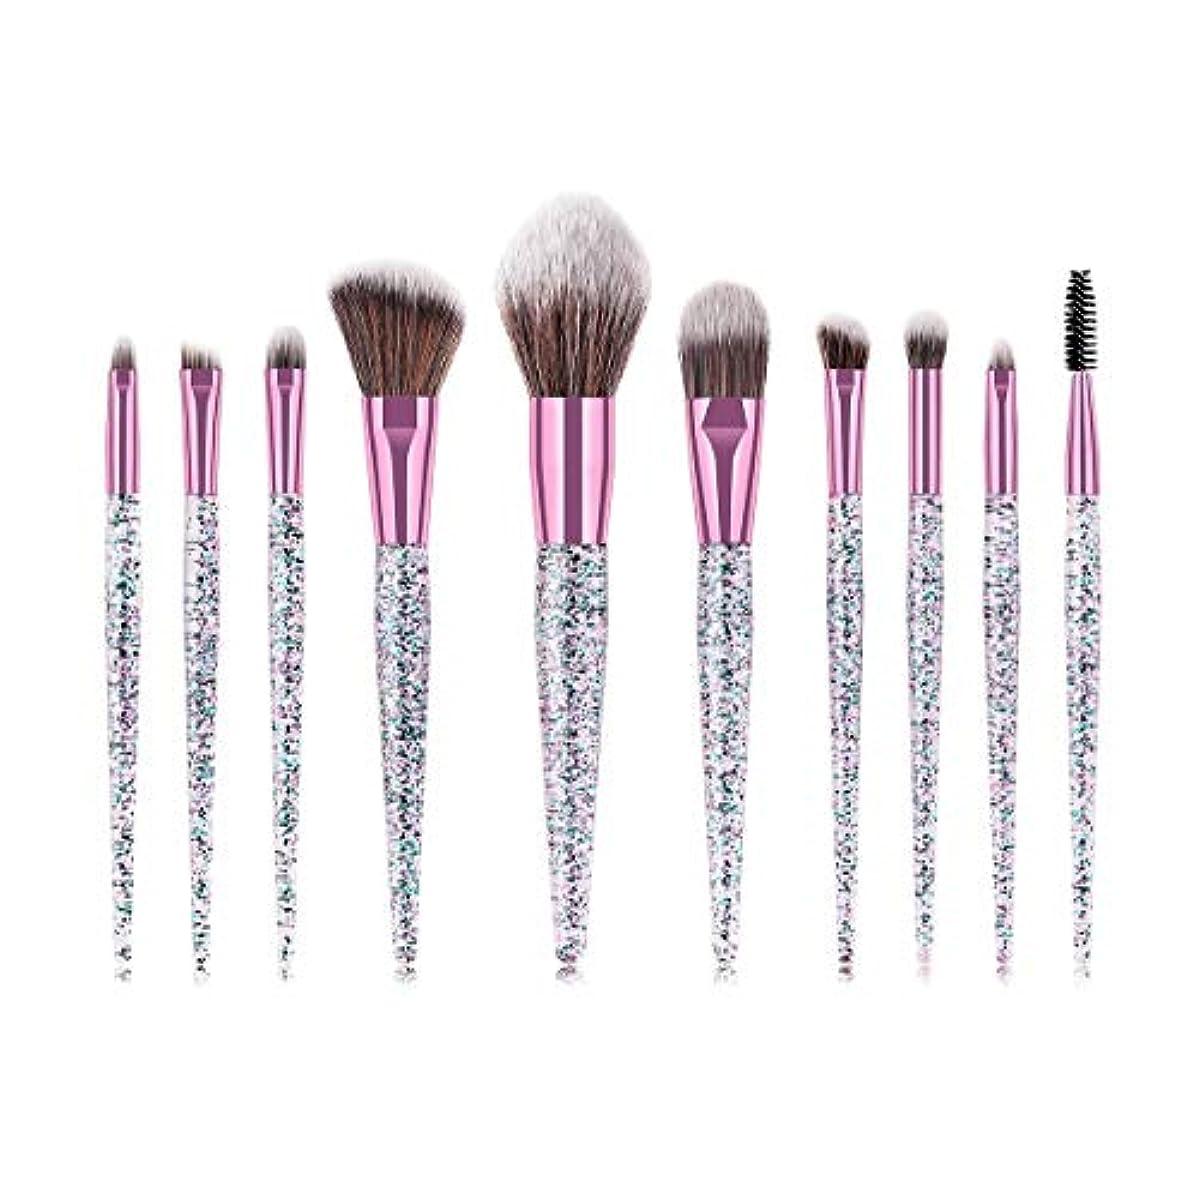 Makeup brushes 艶をかけられた水晶ハンドルの化粧筆セットの眉毛のアイシャドウの基礎粉の構造のブラシの化粧道具10個 suits (Color : Diamond Crystal)